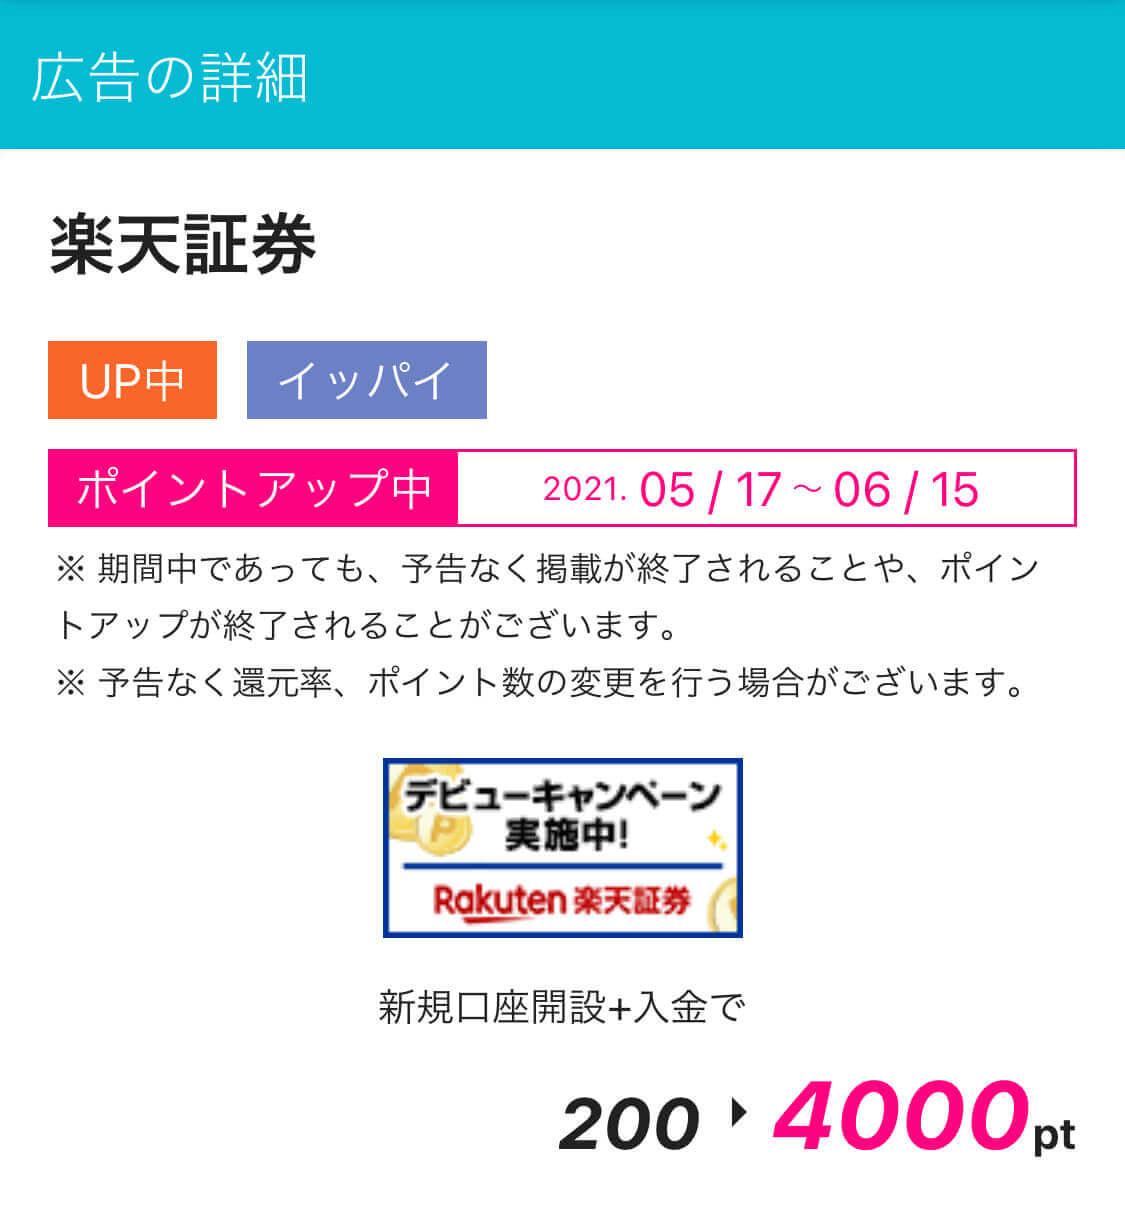 【ハピタスおすすめ案件】楽天証券